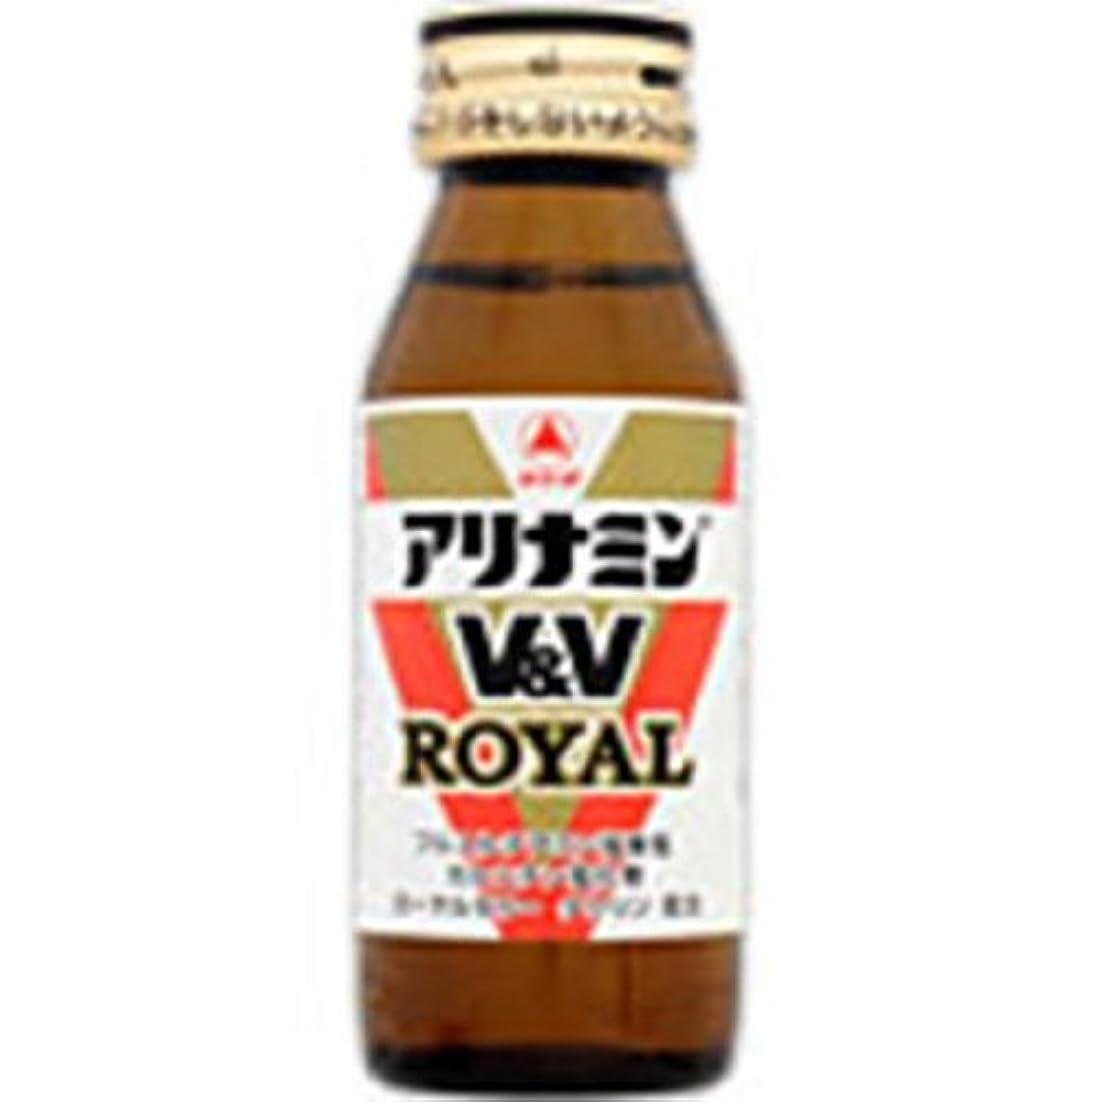 誓いクリケットはちみつアリナミンV&Vロイヤル 50ml 【指定医薬部外品】